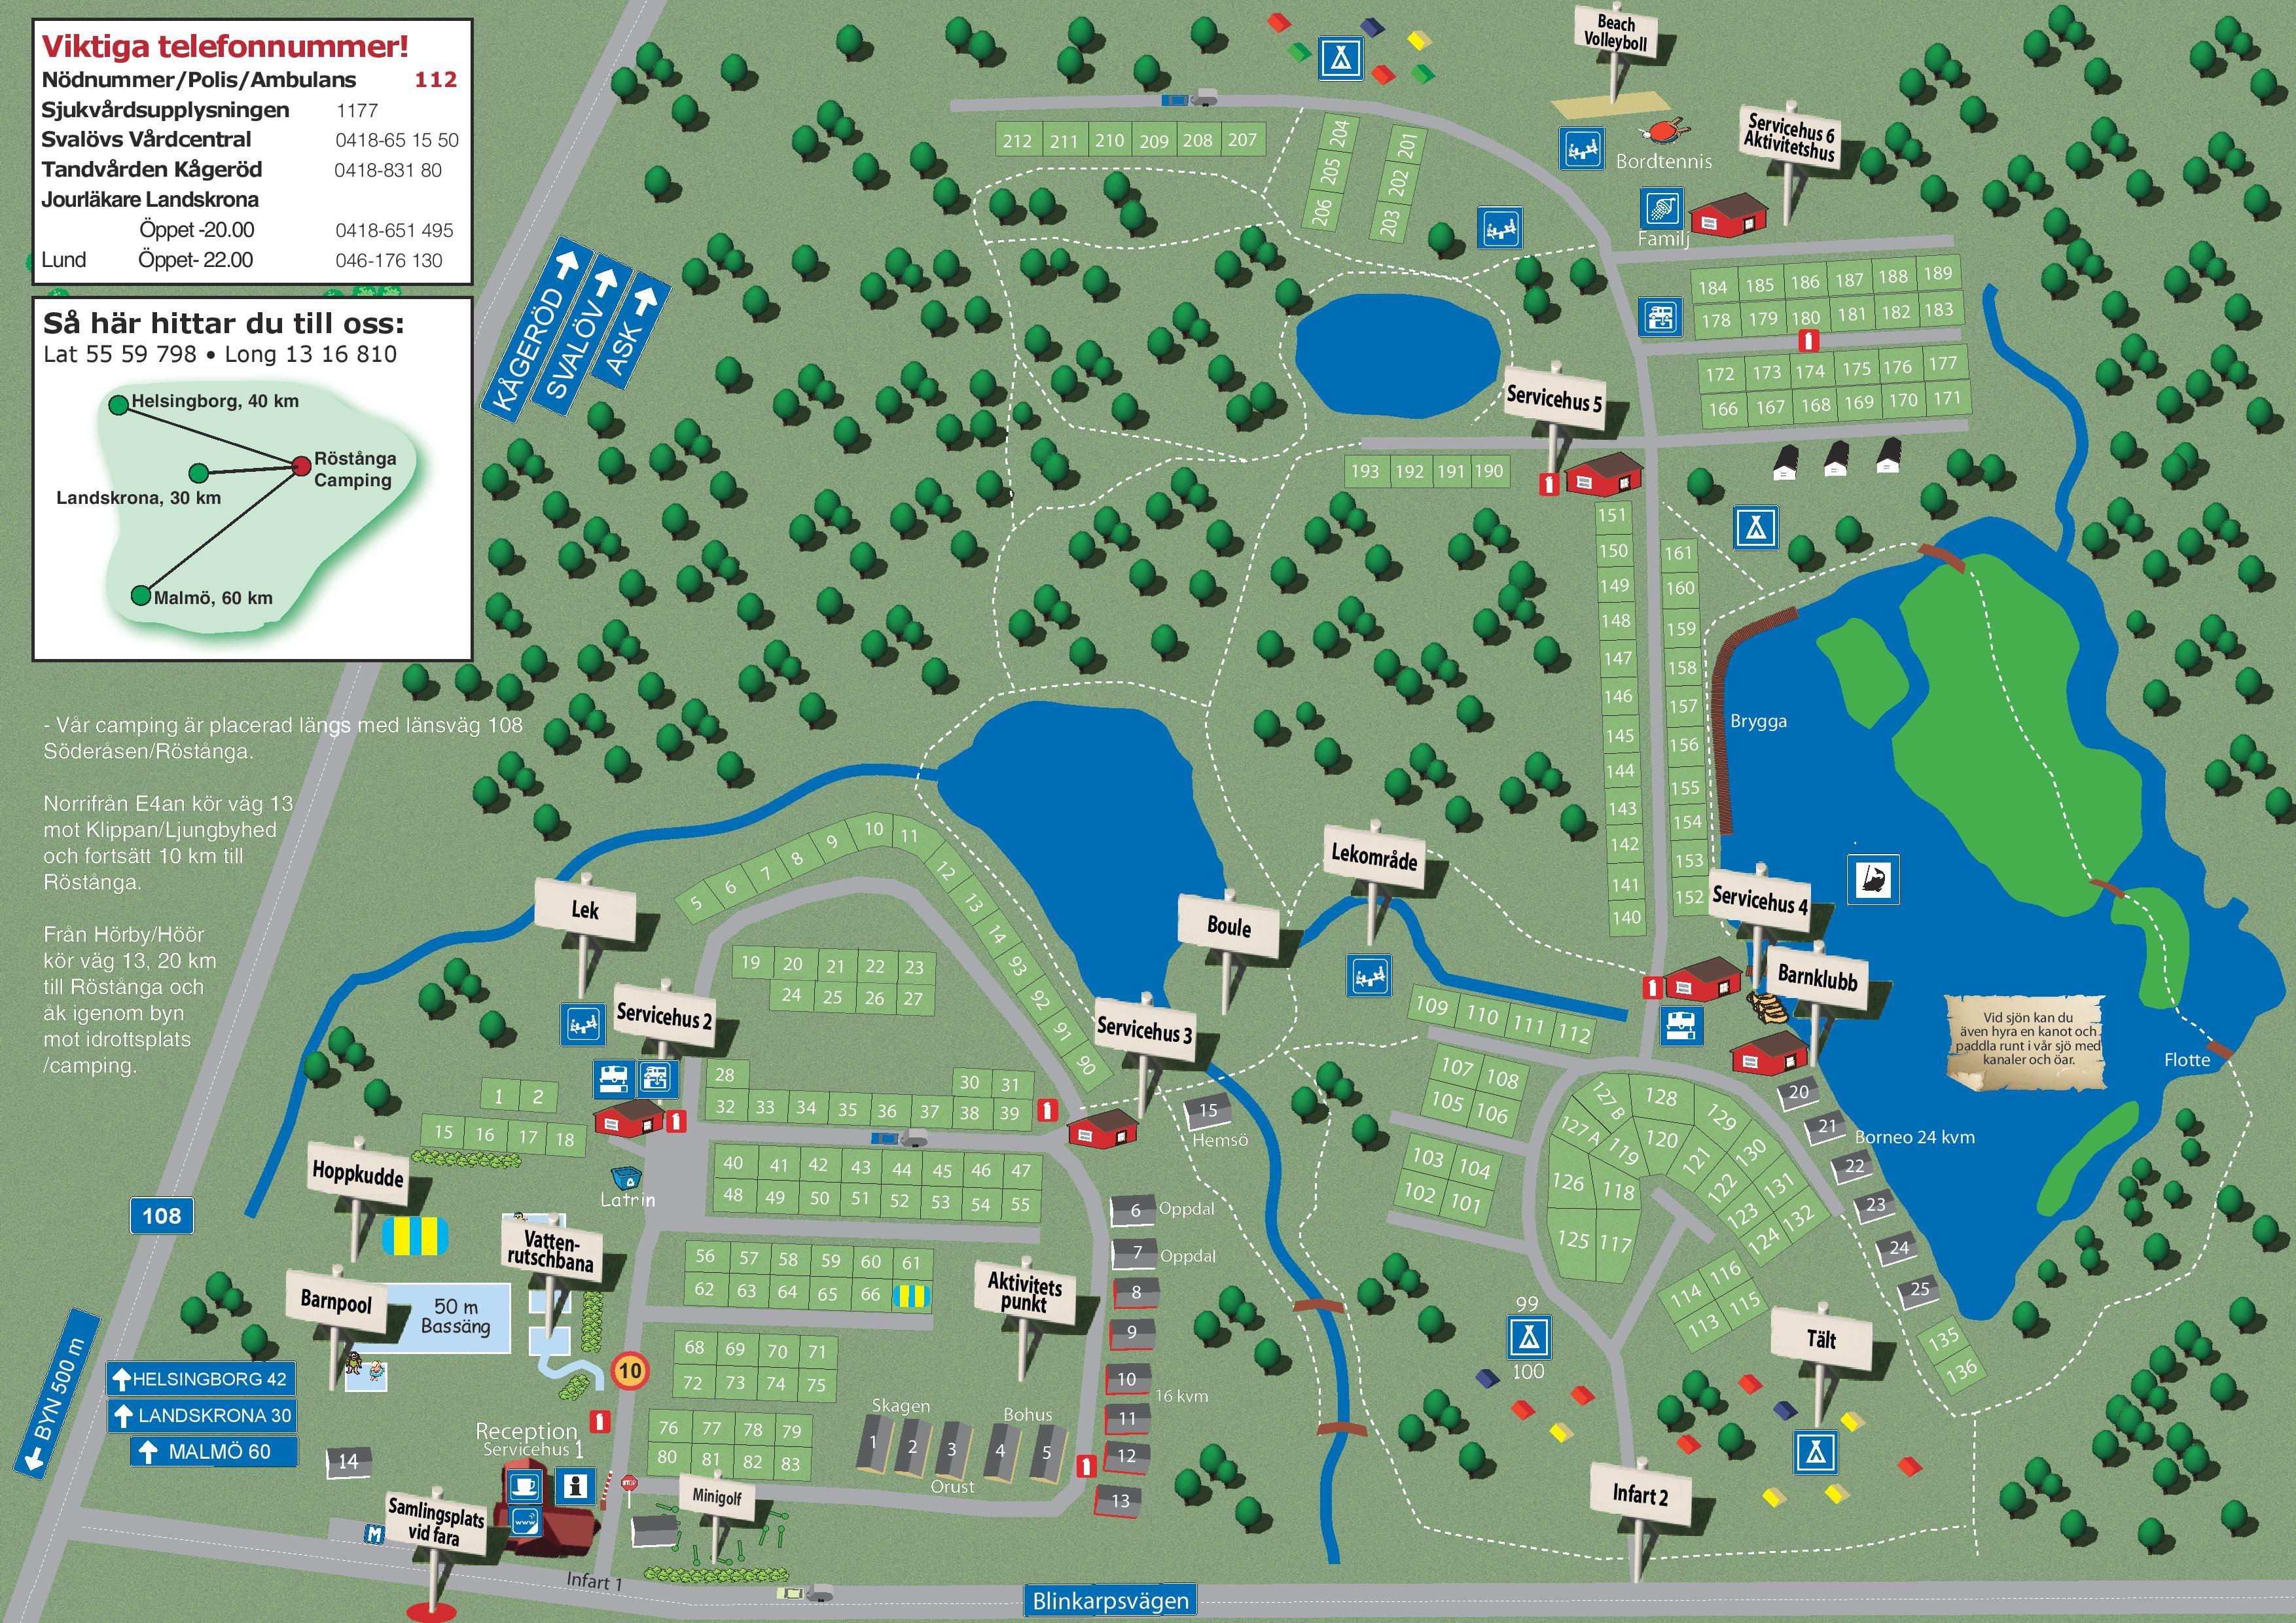 Karta Camping Skane.Nordic Camping Rostanga Stugor Accommodation Details Stugbyar